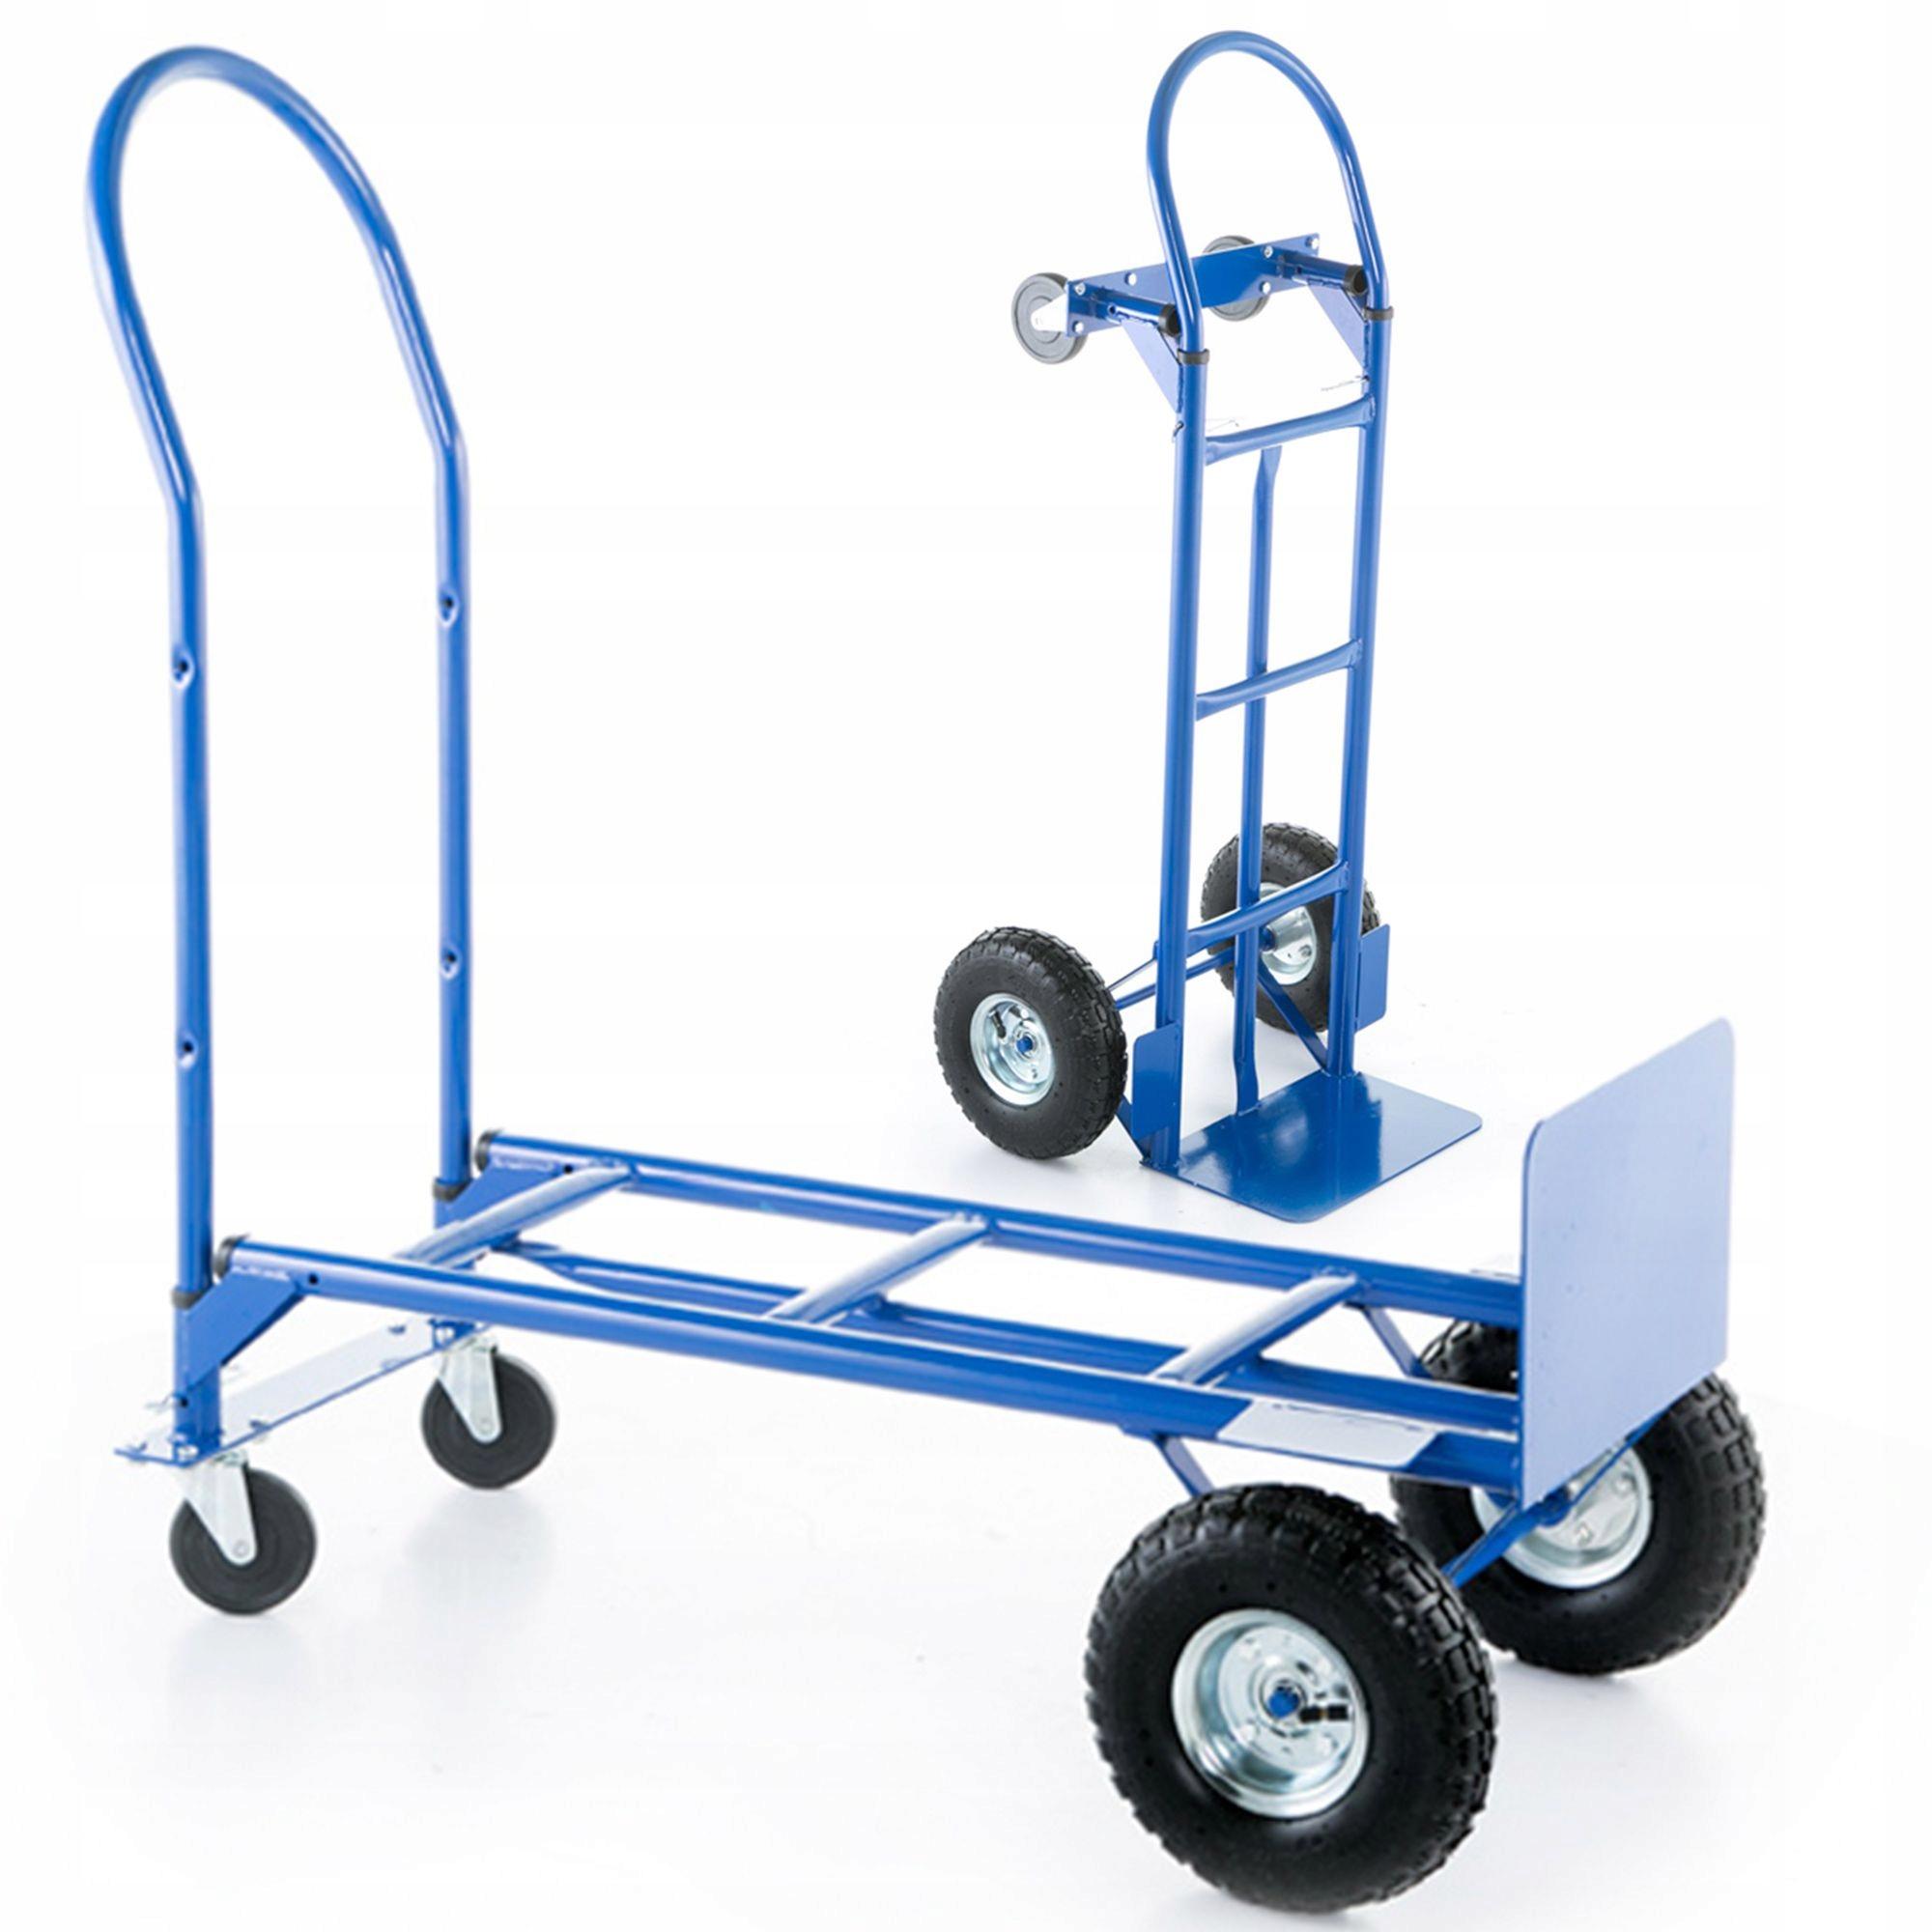 Транспортная фрезерная тележка 2 в 1, 250 кг